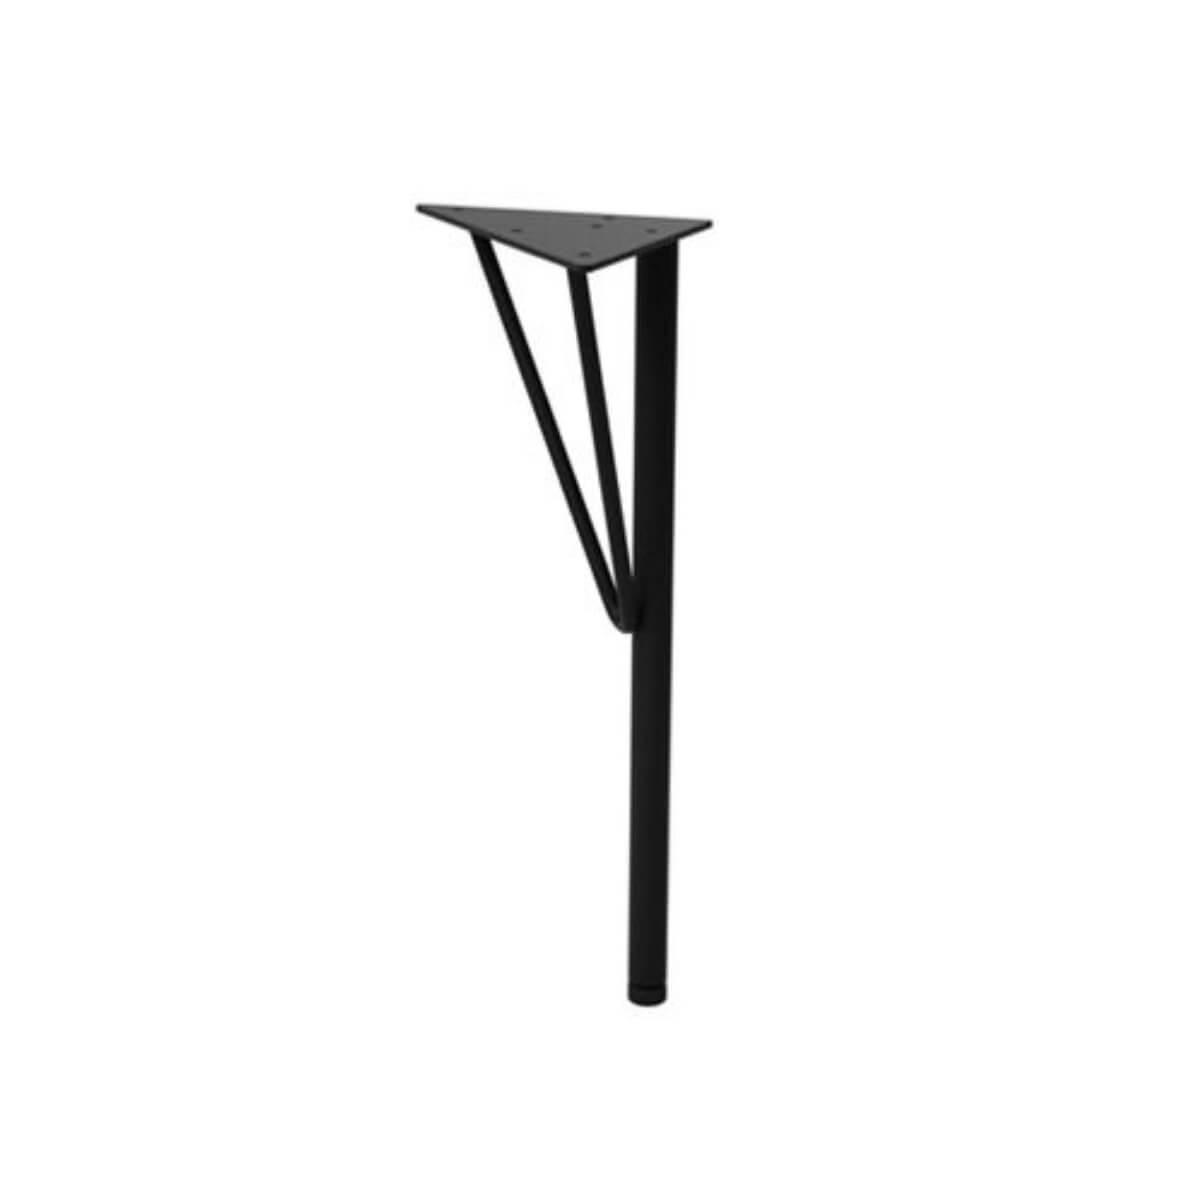 ラブリコ スチールテーブル脚S ブラック 150×150×375(mm) 1本入